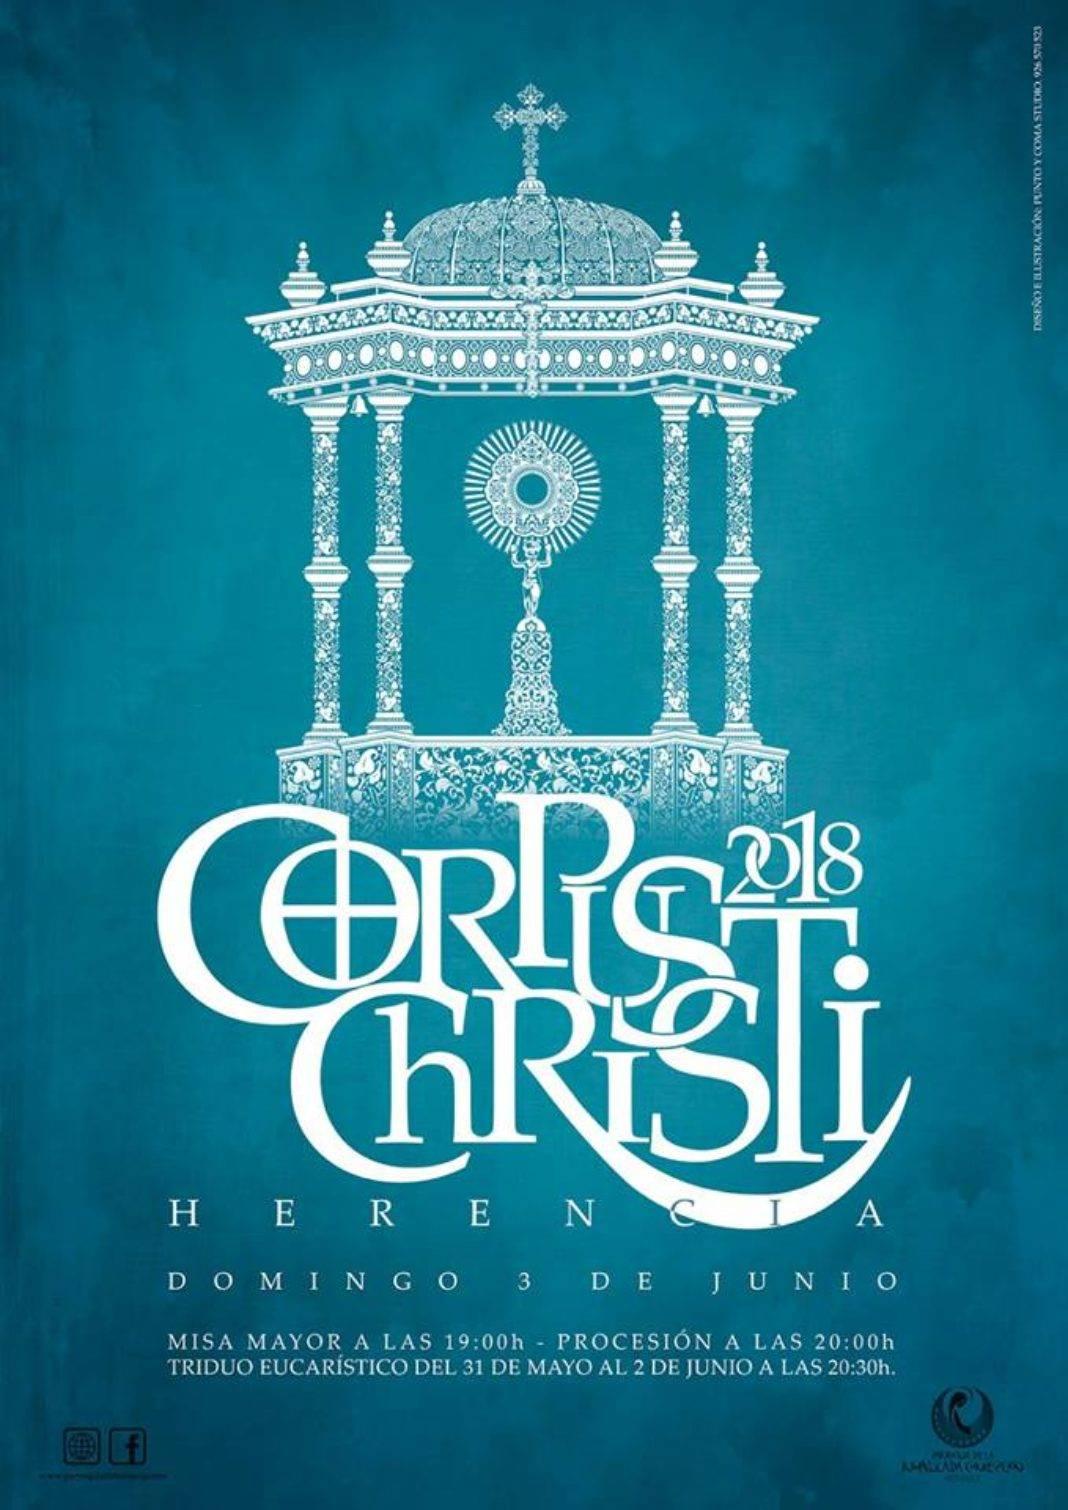 Herencia prepara la celebración del Corpus Christi 2018 4